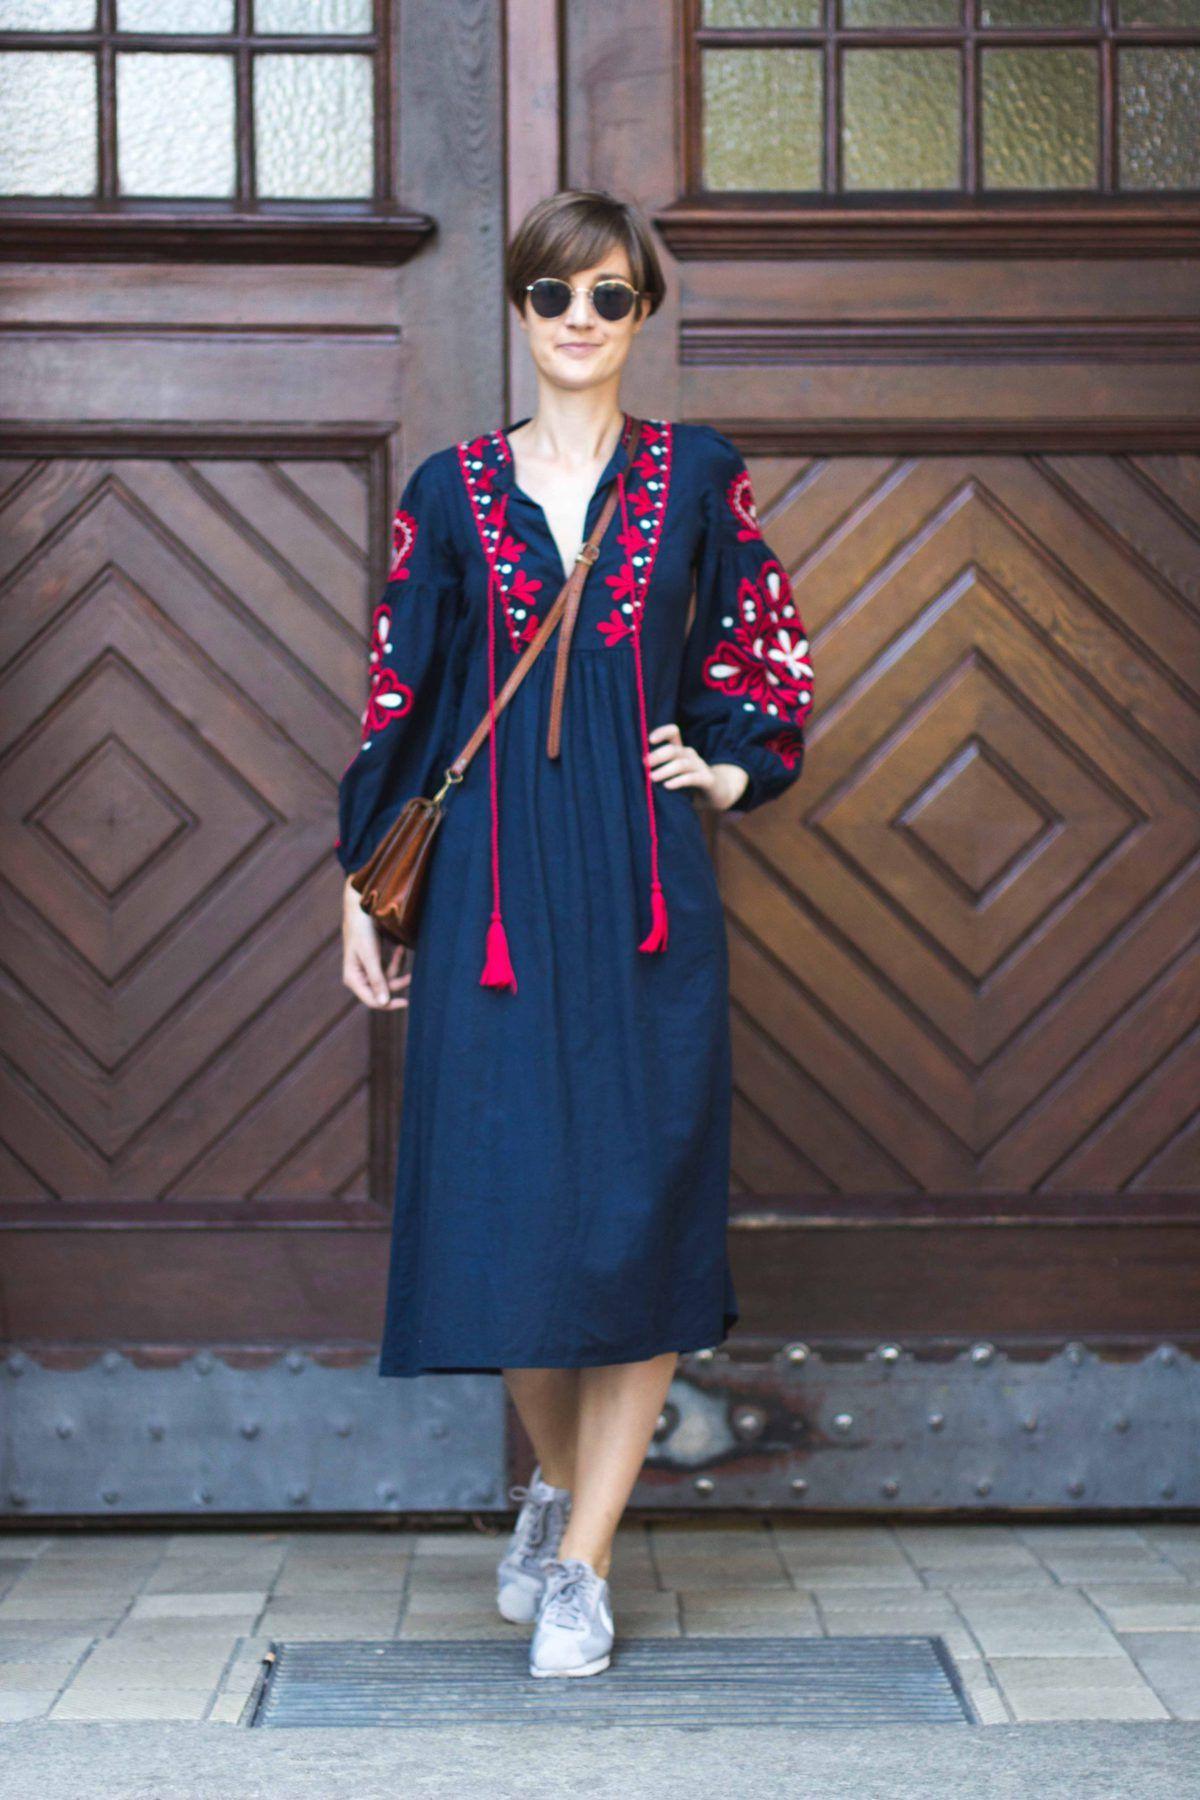 Abend Leicht Abendkleid Von Zara Design10 Top Abendkleid Von Zara Ärmel